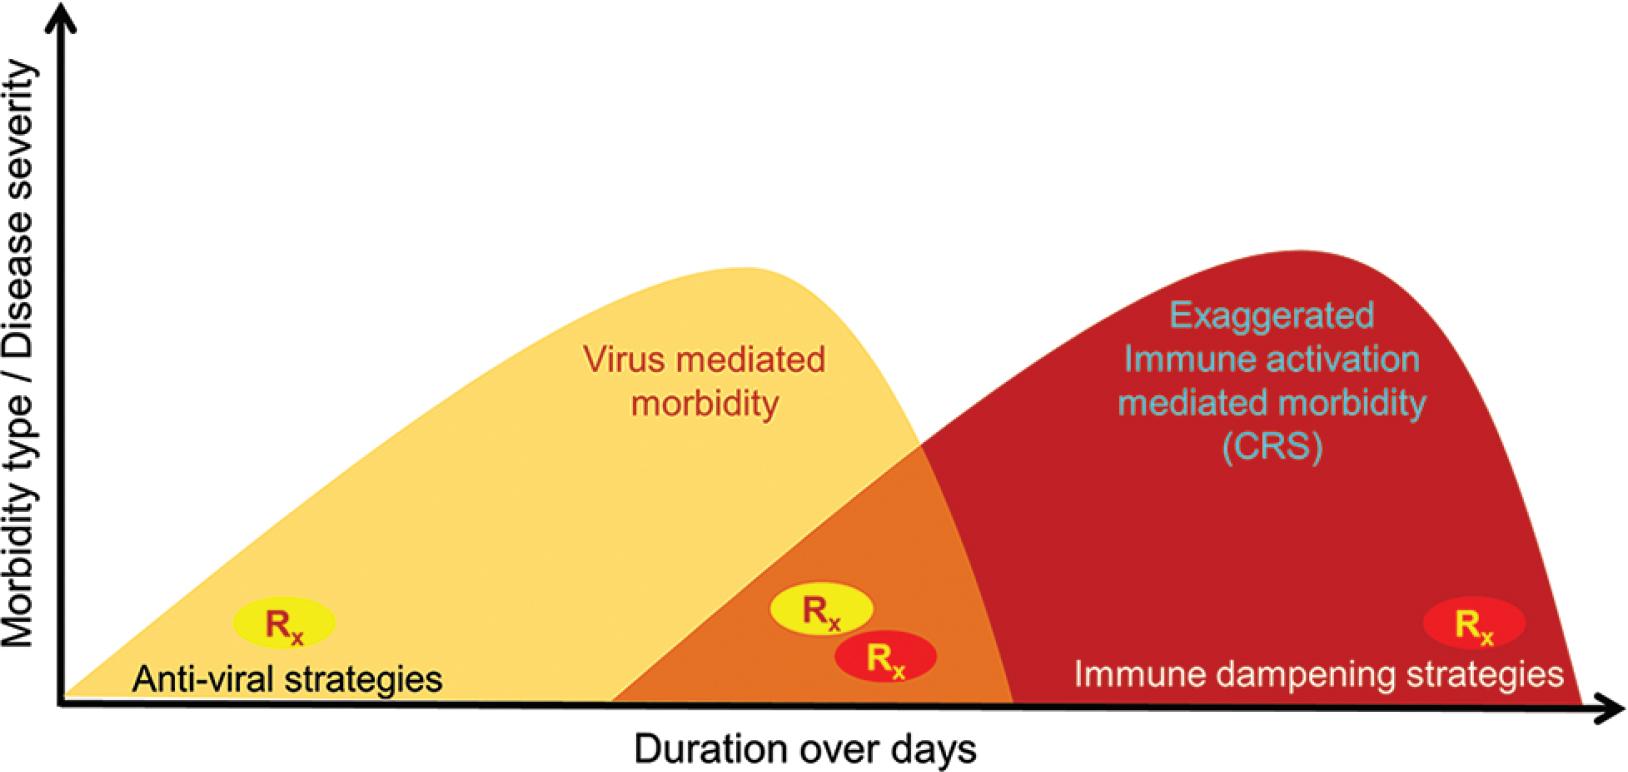 図1:COVID-19患者の根本的なメカニズムに基づく罹患率のタイプ。 スキーマは、初期のウイルス応答フェーズとそれに続く誇張された宿主免疫応答フェーズの連続体を表し、各フェーズはその管理のための個別の治療アプローチから利益を得ます